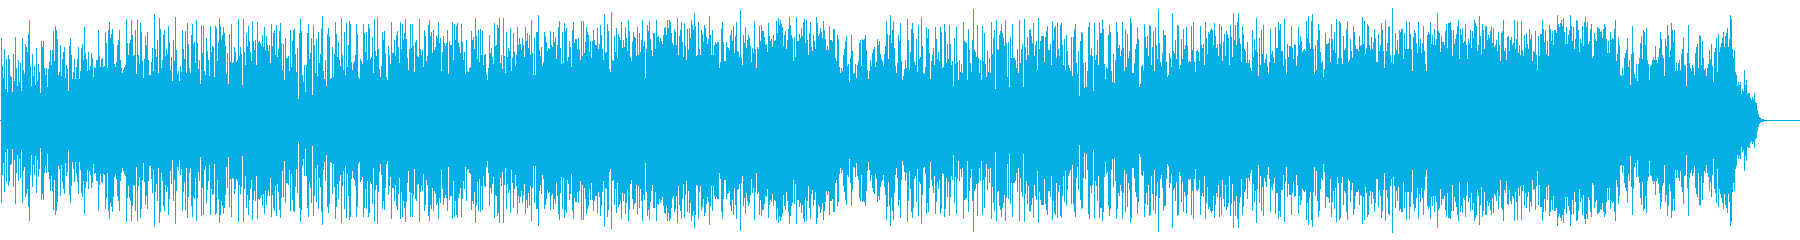 リゾート風のフュージョン(フルサイズ)の再生済みの波形